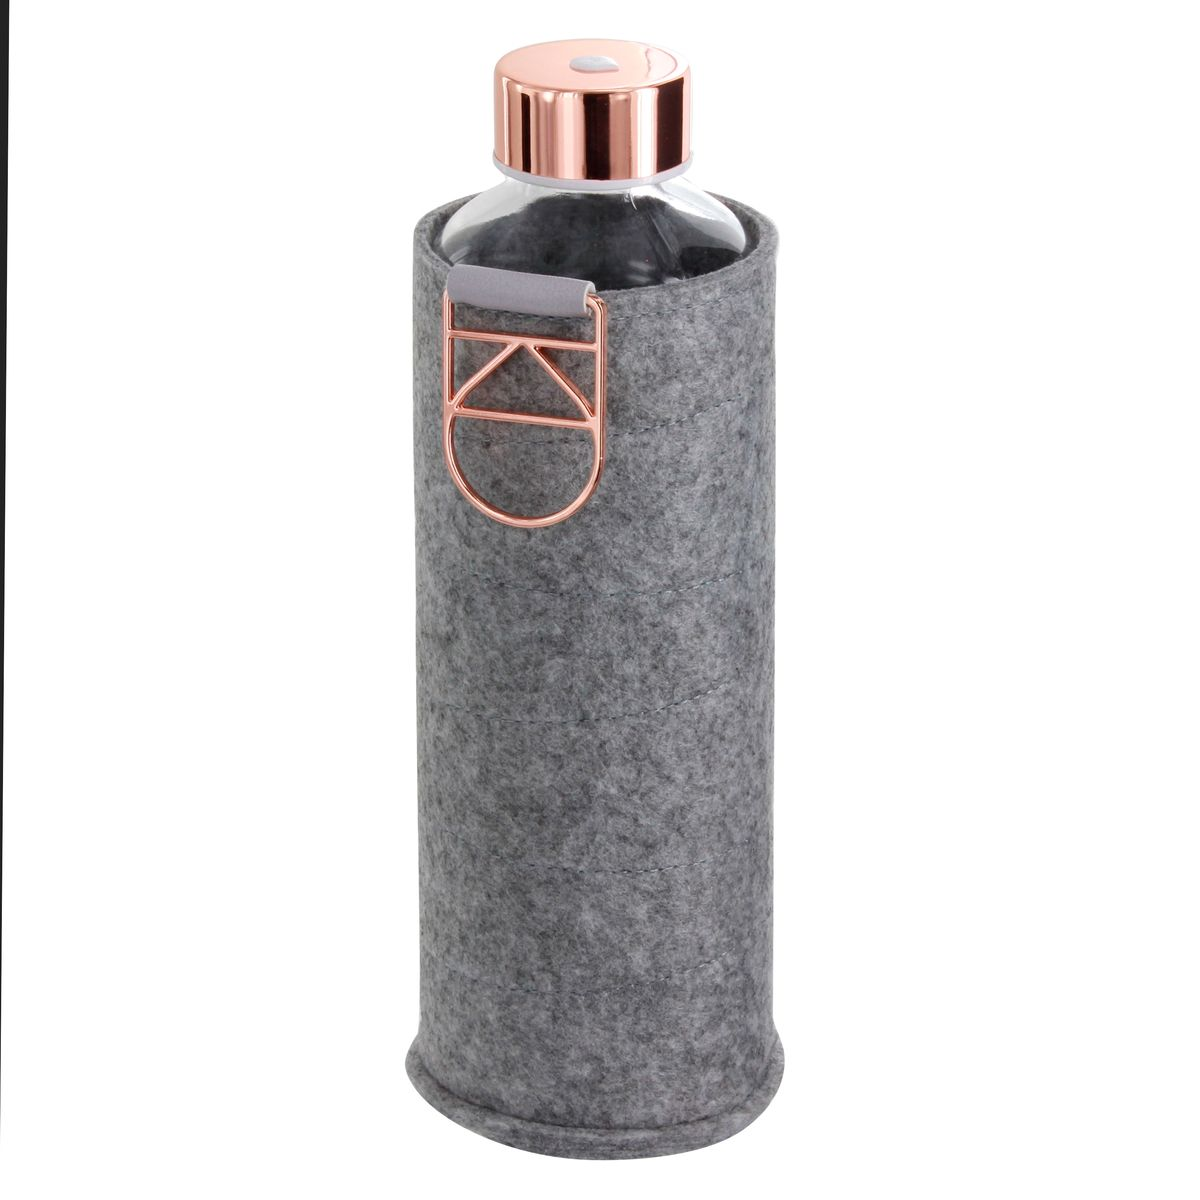 Bouteille nomade en verre avec pochette en feutre grise et détails rosés 750ml - Equa